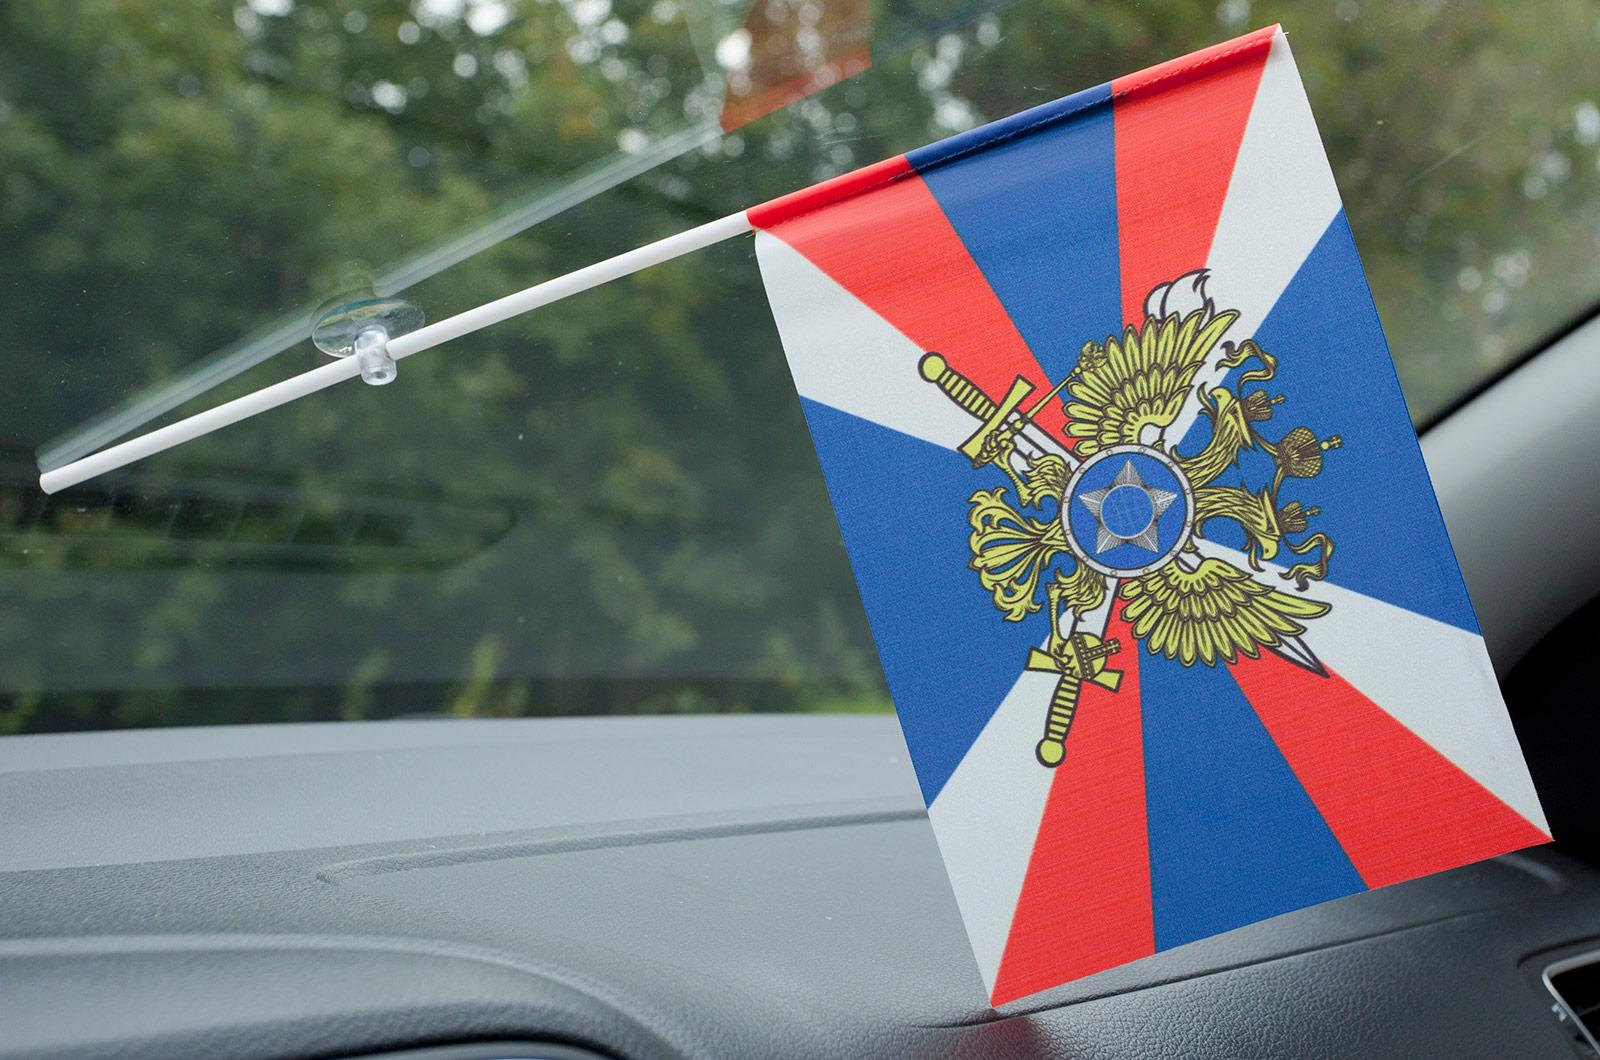 Флажок в машину с присоской Служба внешней разведки